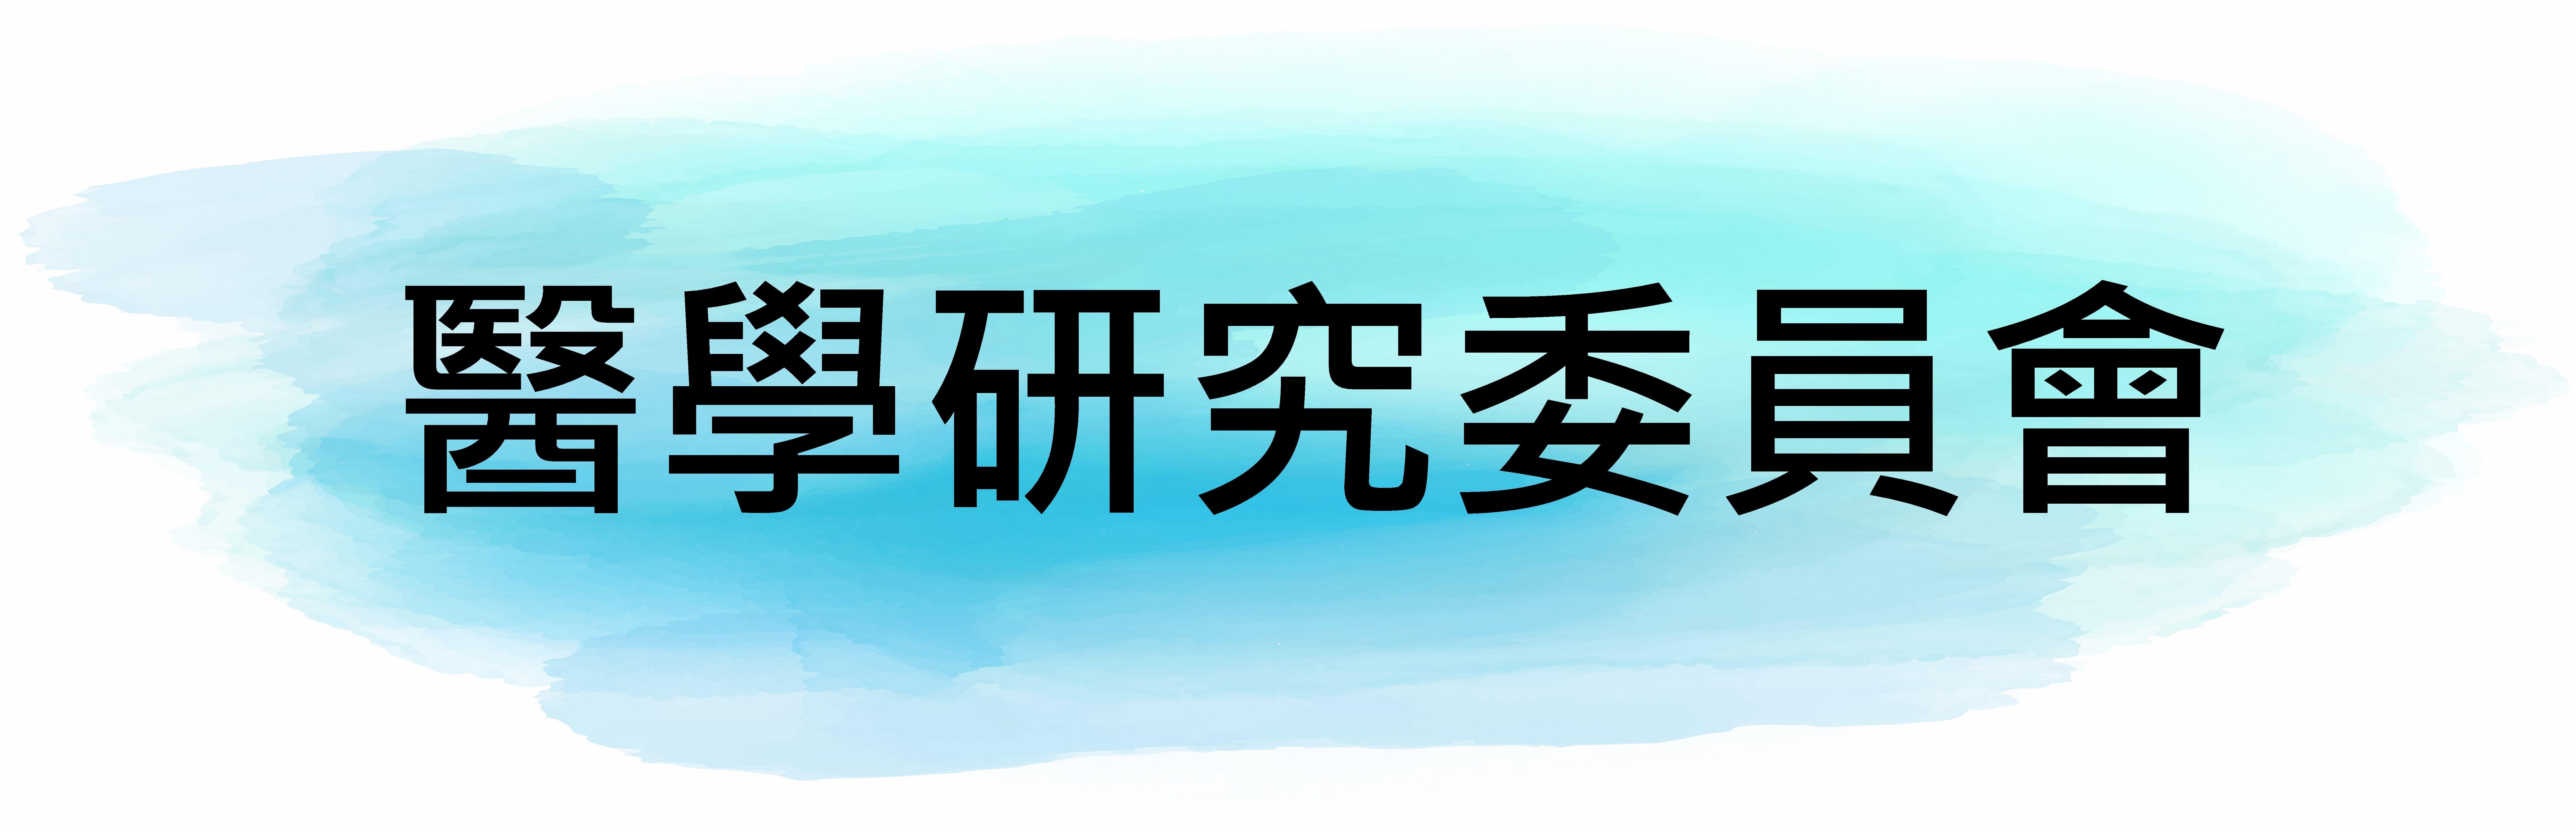 醫學研究委員會(圖片)